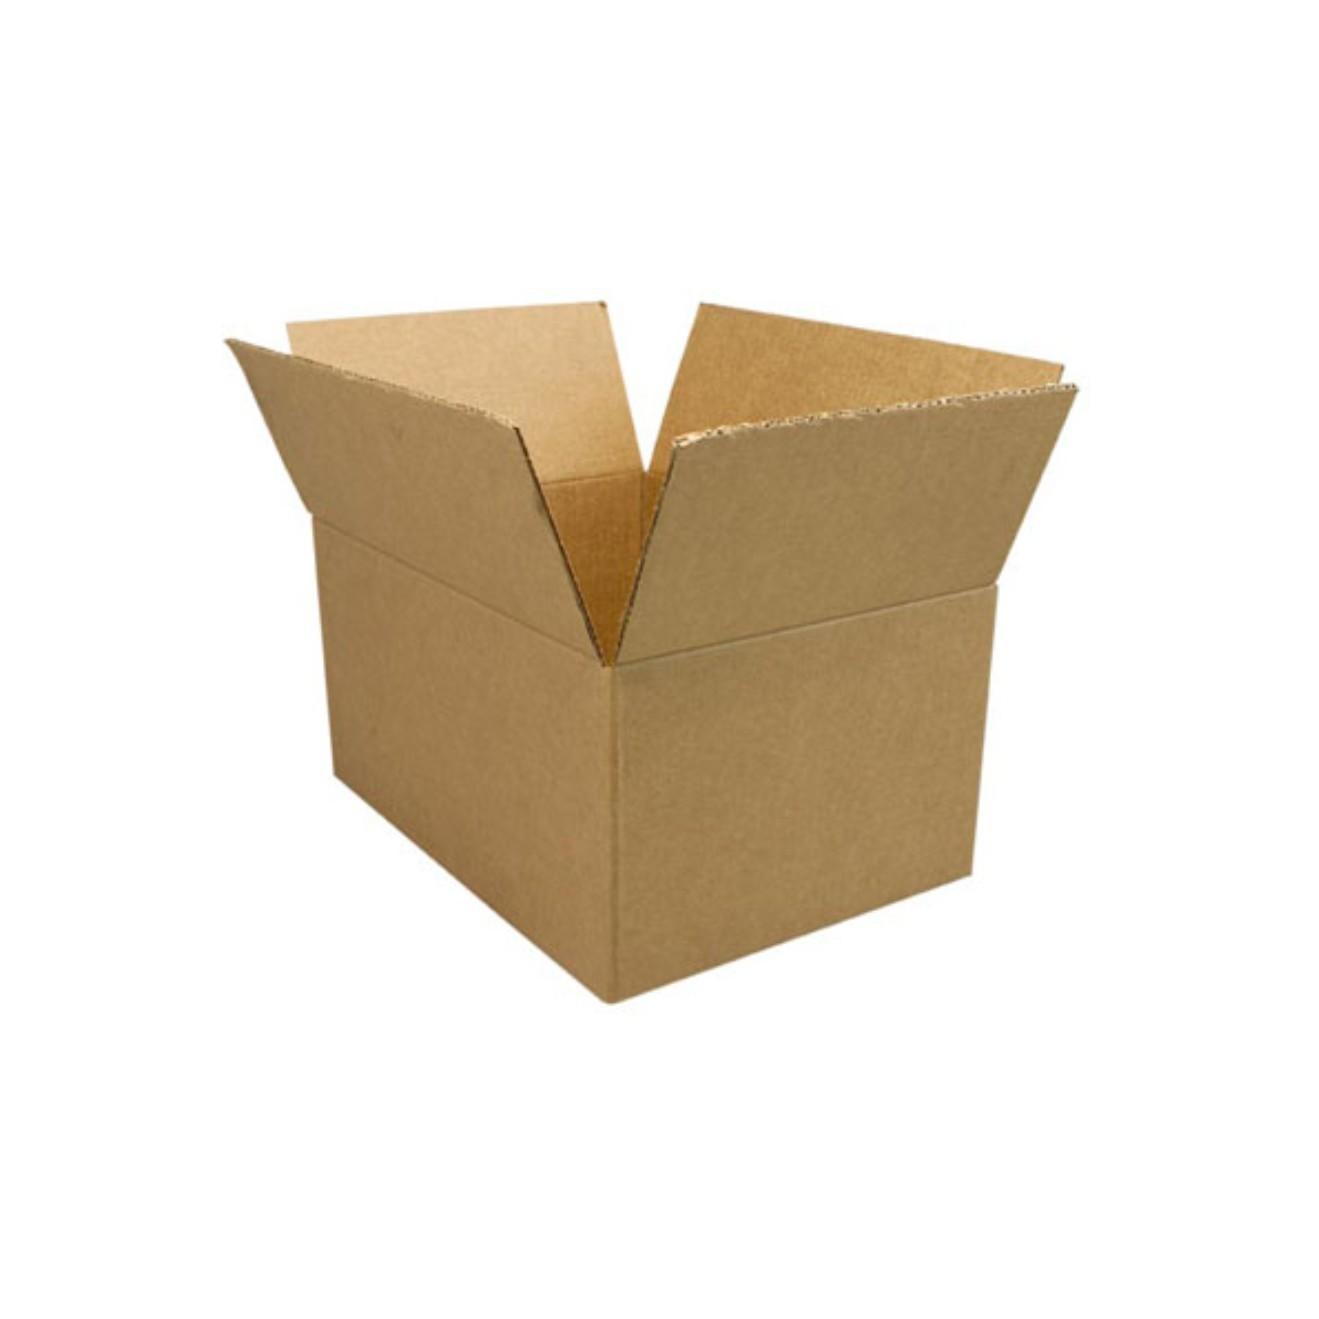 Caixa de Papelao para Transporte e Mudanca 59X38X45 - Br Embalagens